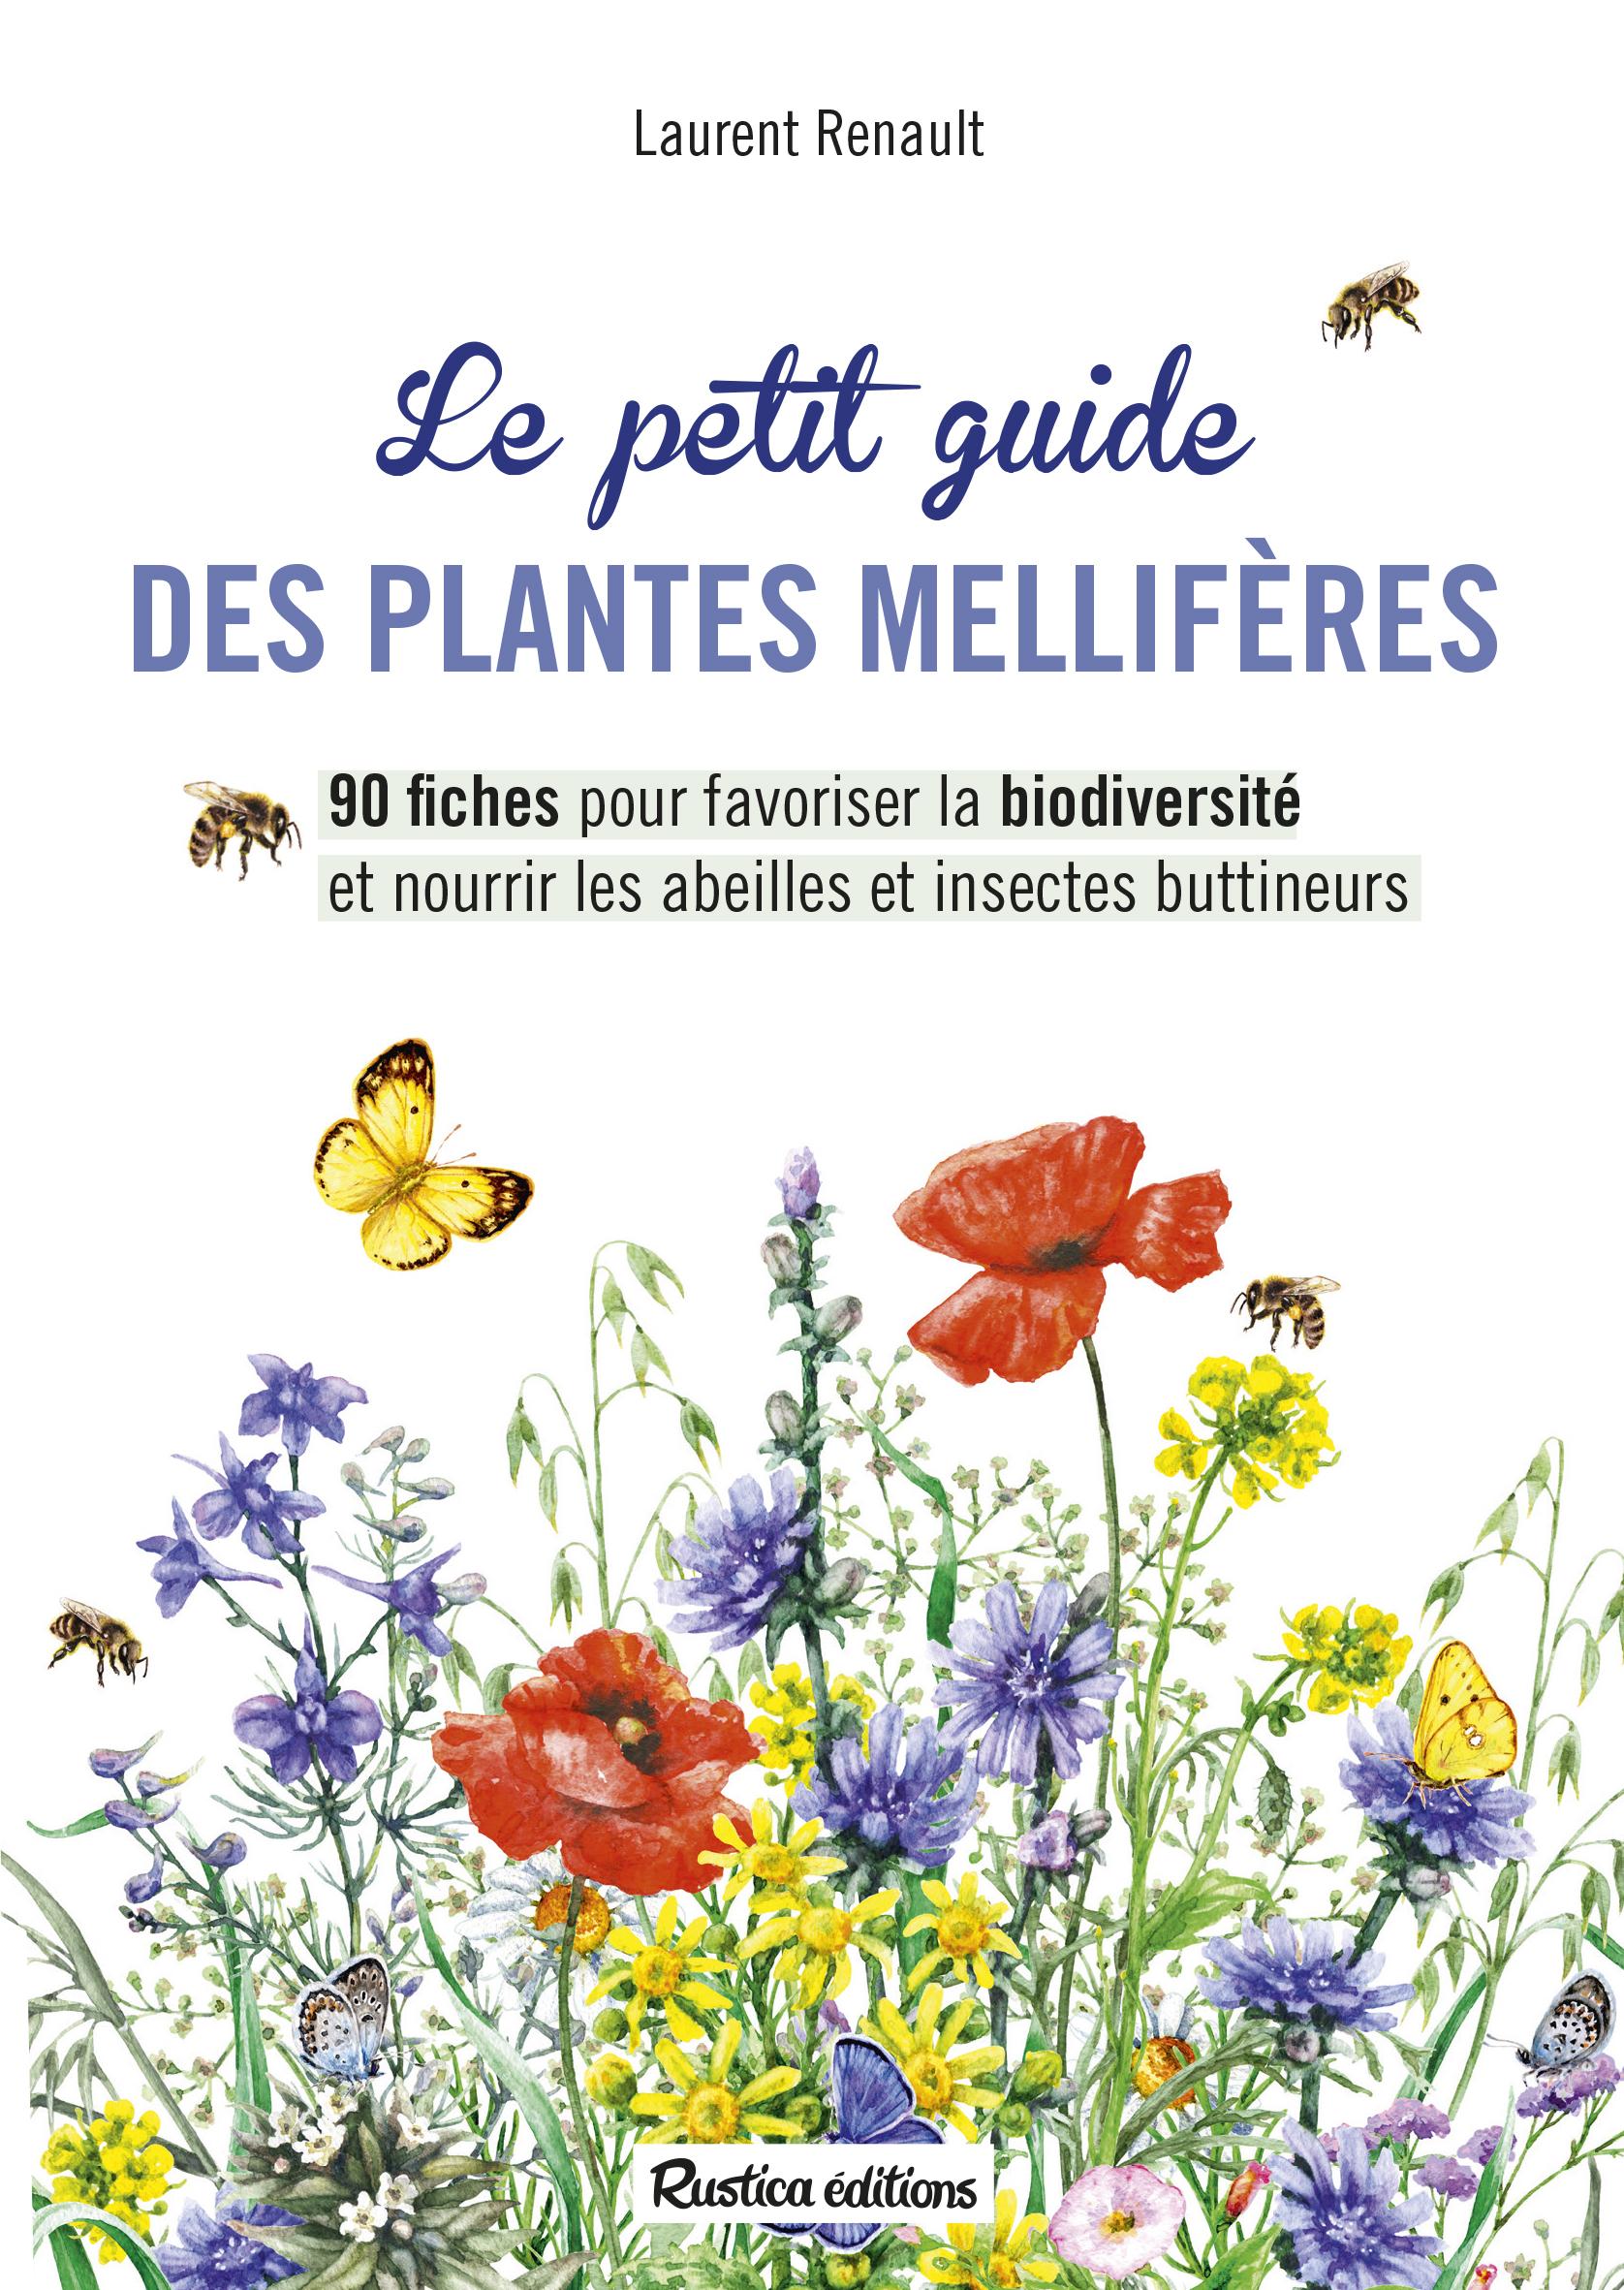 LE PETIT GUIDE DES PLANTES MELLIFERES